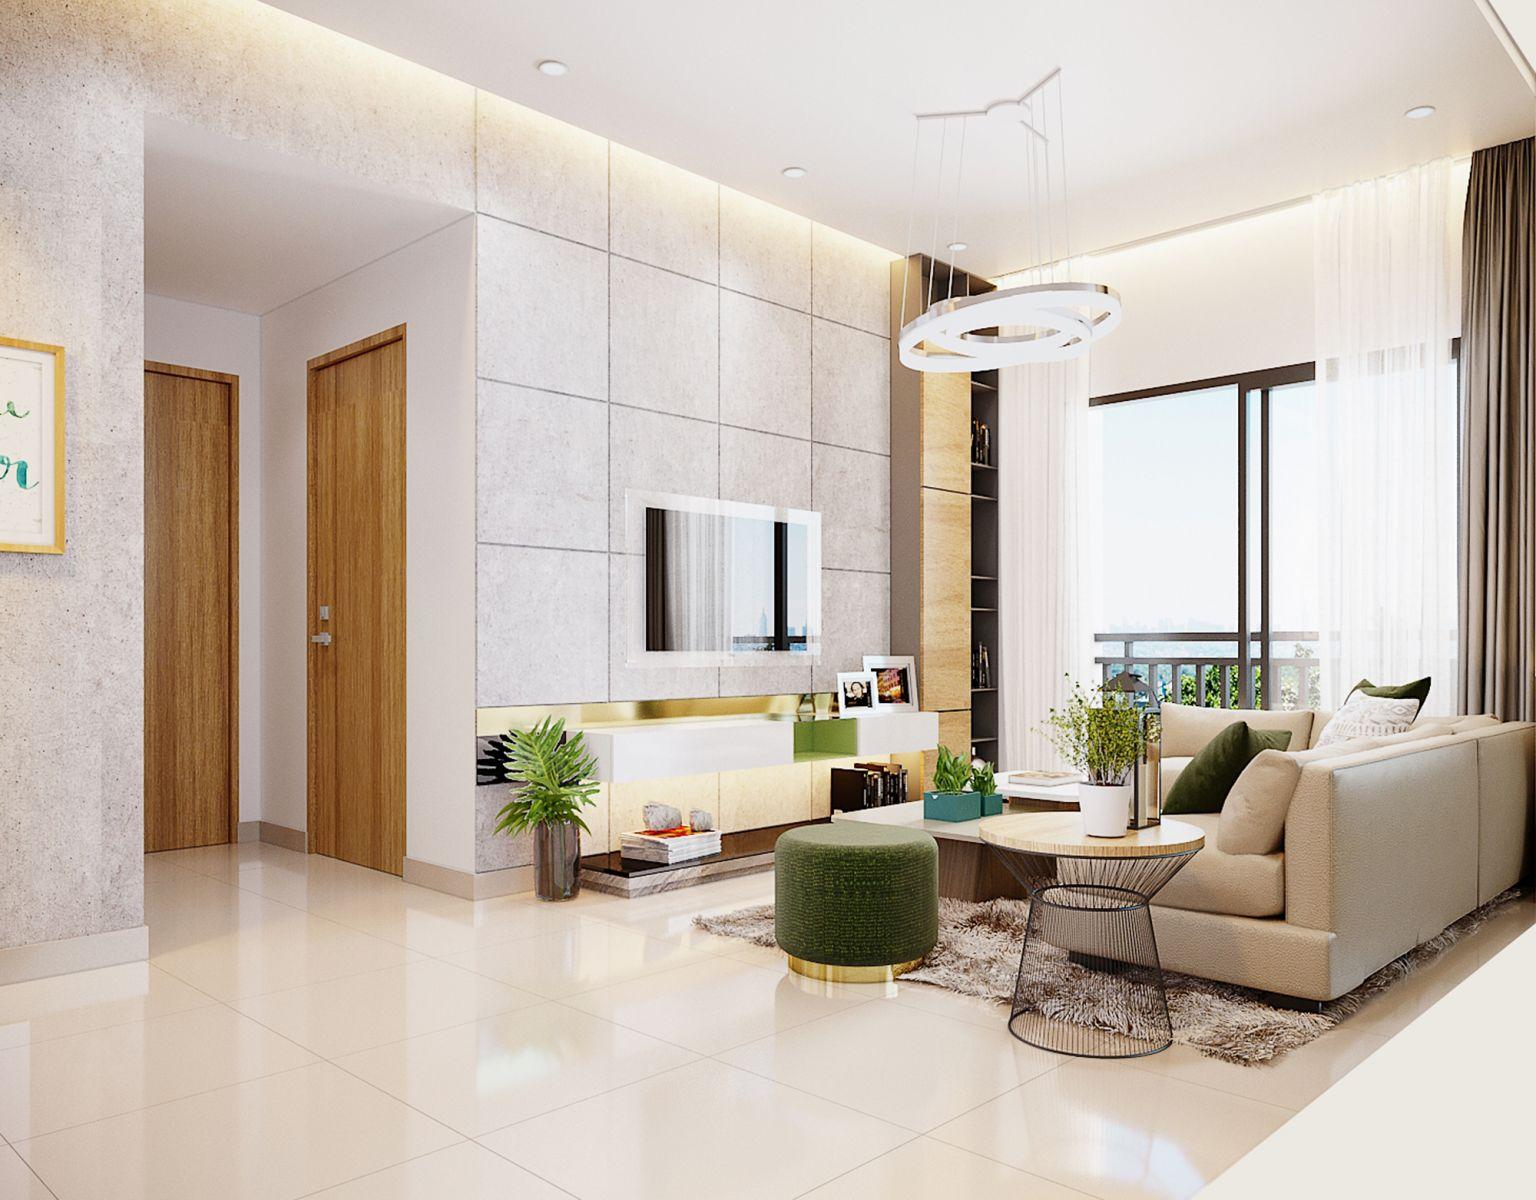 Liệu có thể mua được nhà ở TP.HCM, với tài chính khoảng hơn 500 triệu đồng?